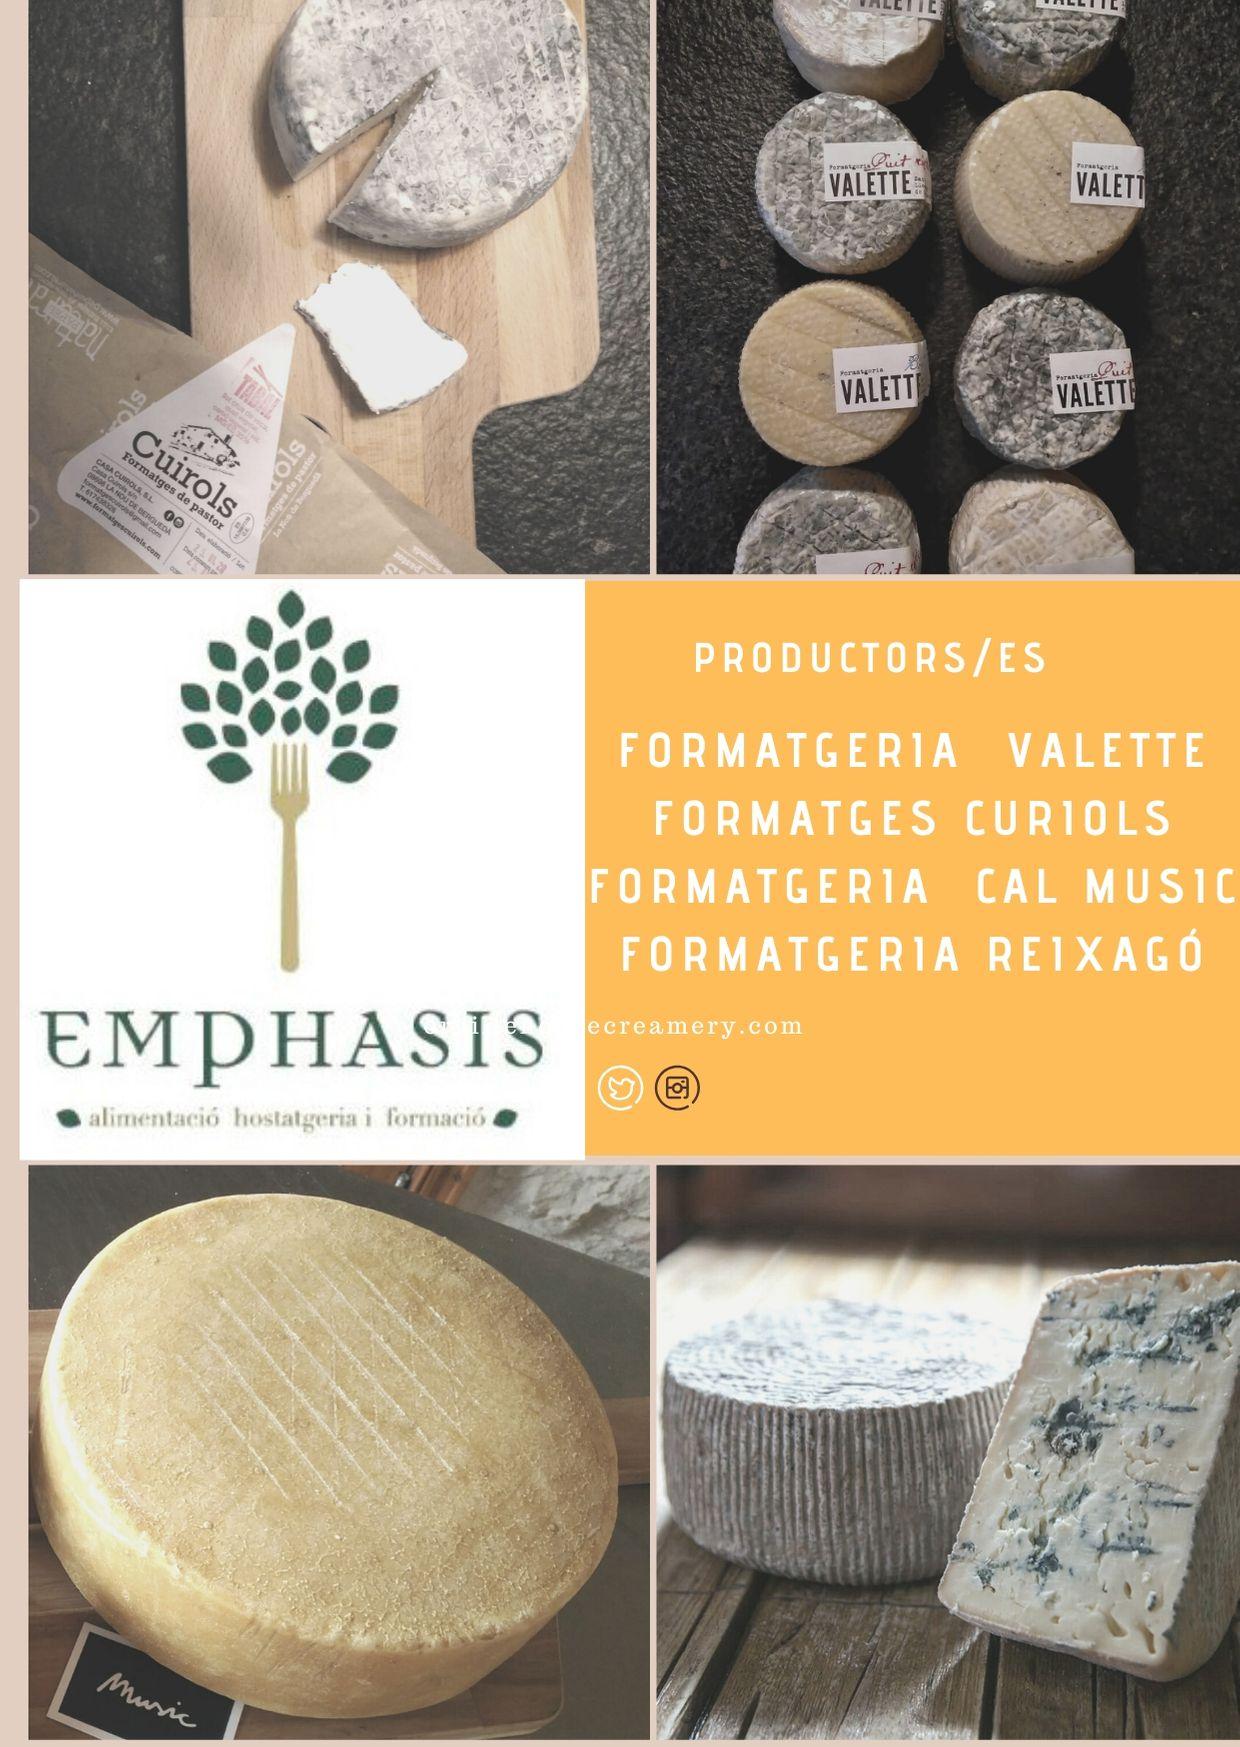 Maridatge de formatges i vins a Emphasis Casserres